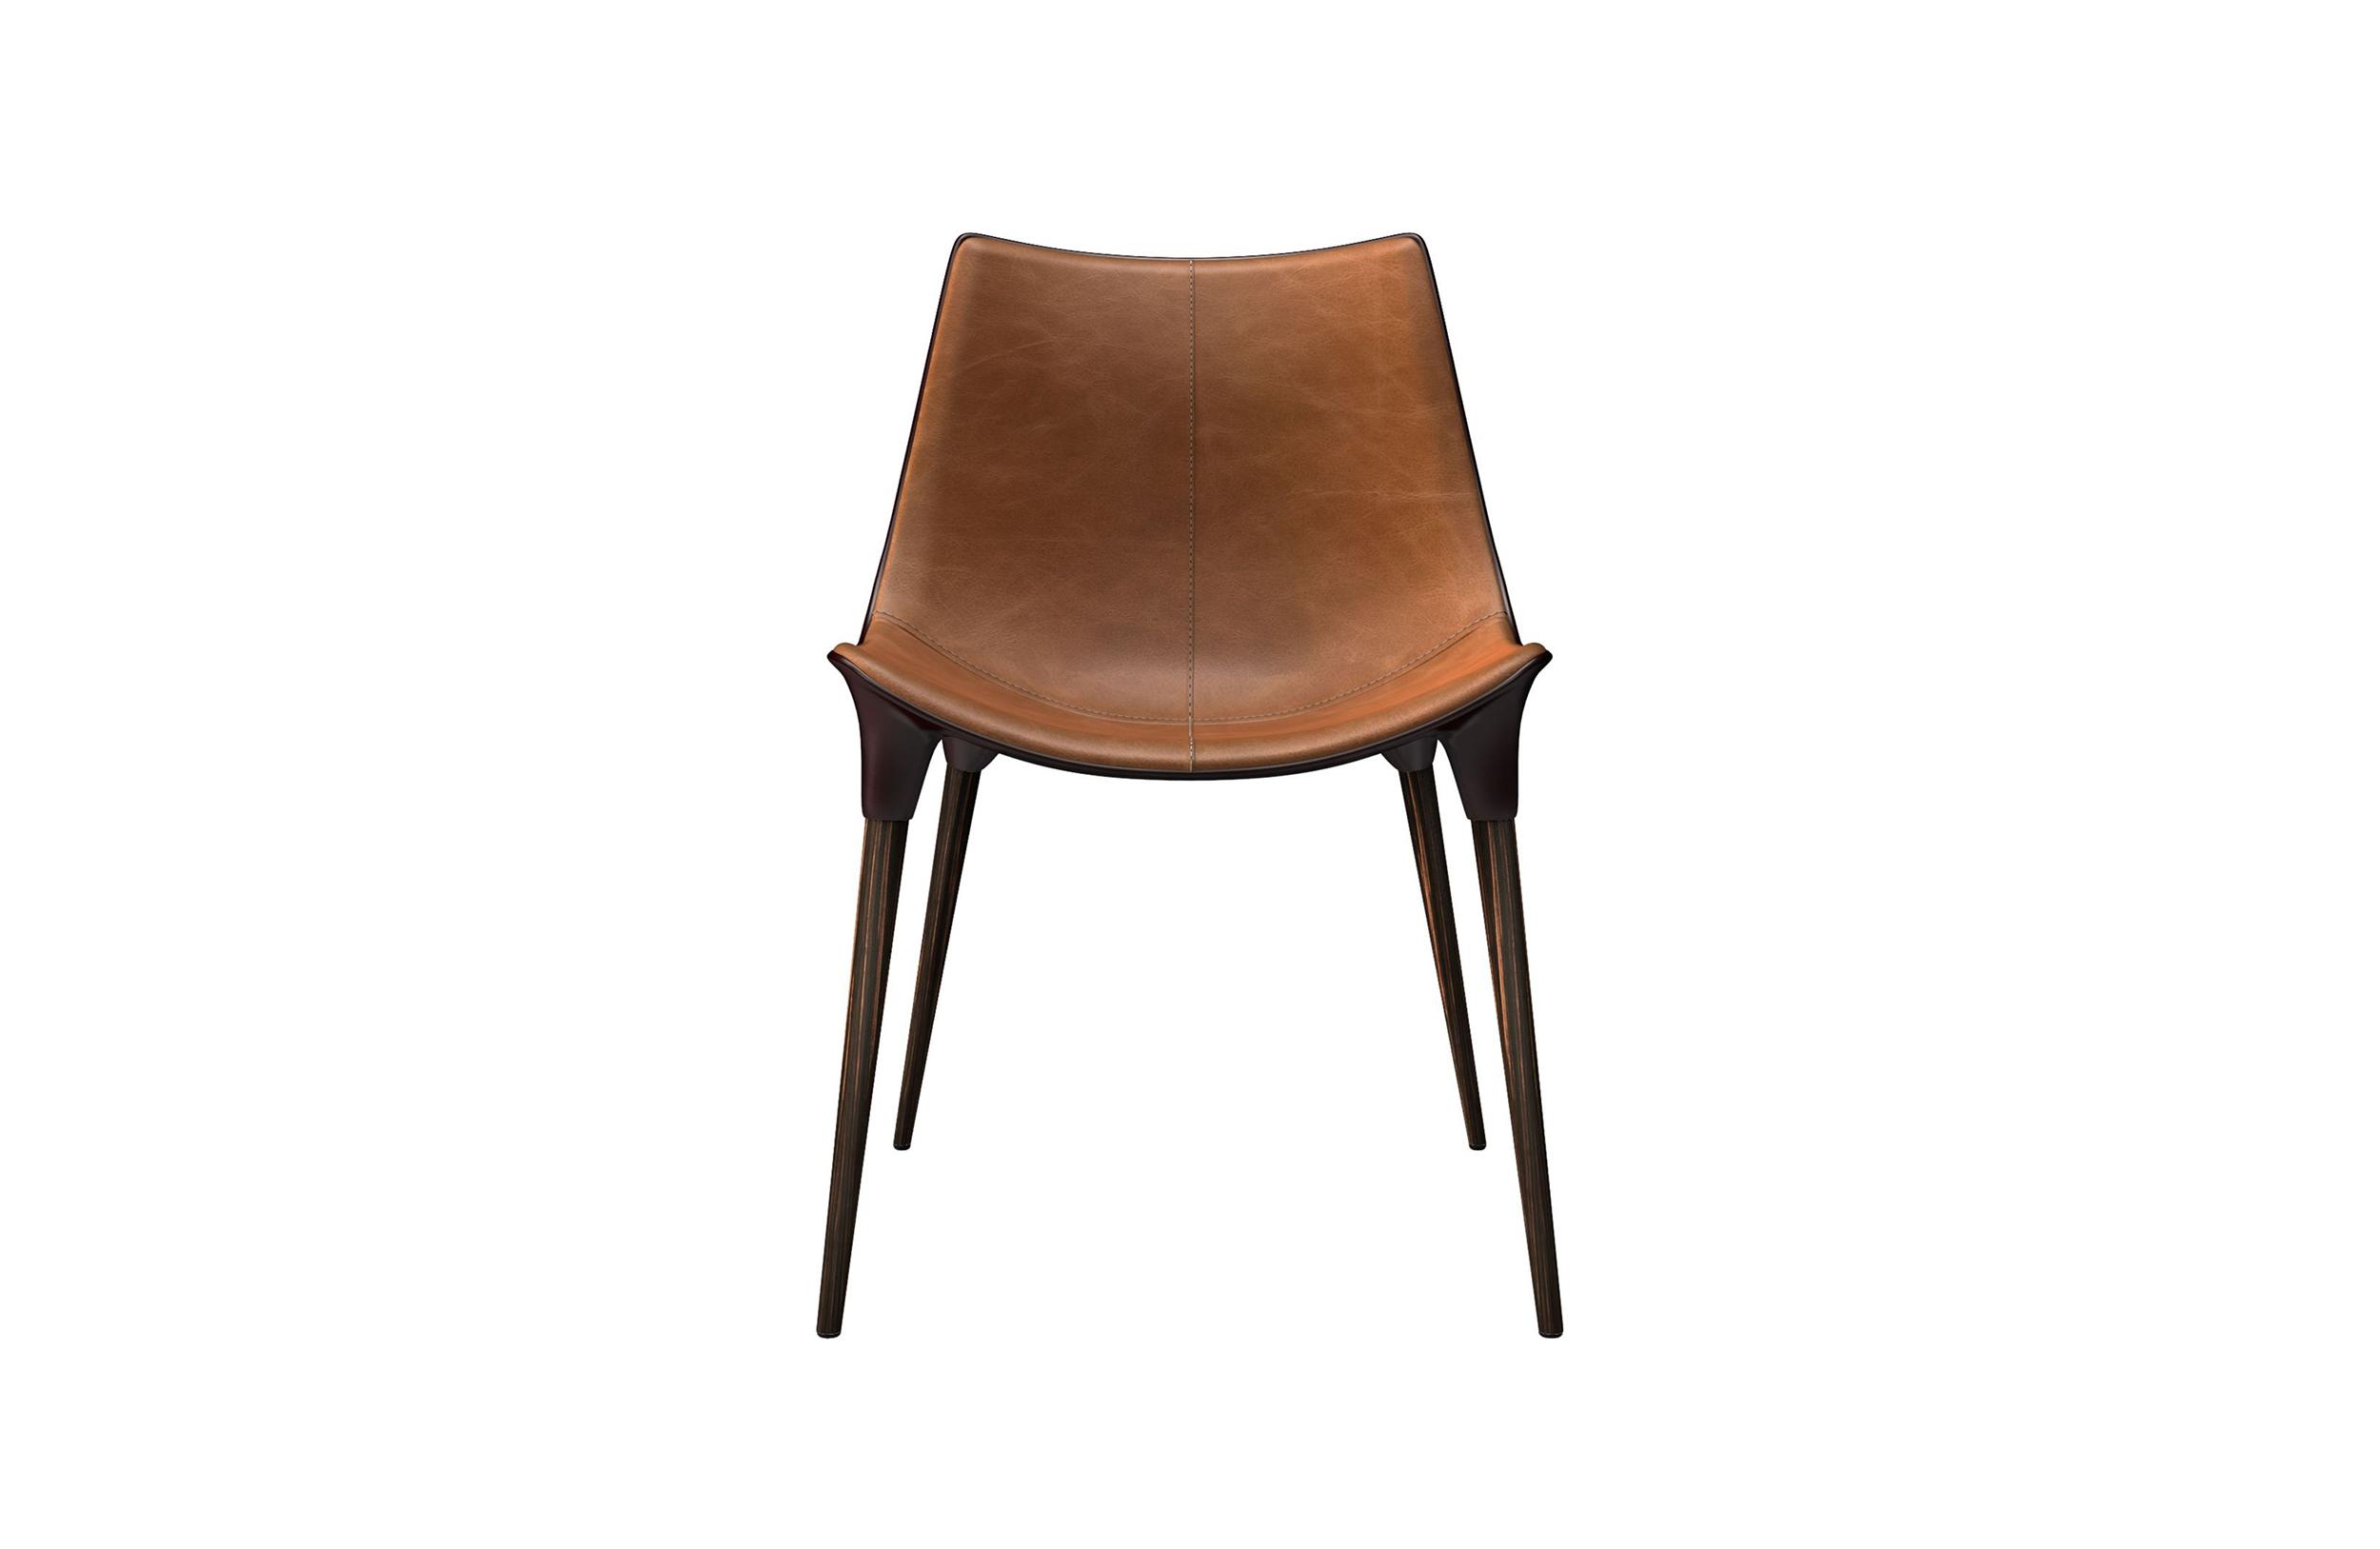 坐具 餐椅 创意家具 现代家居 时尚家具 设计师家具 定制家具 实木家具 朗廷餐椅